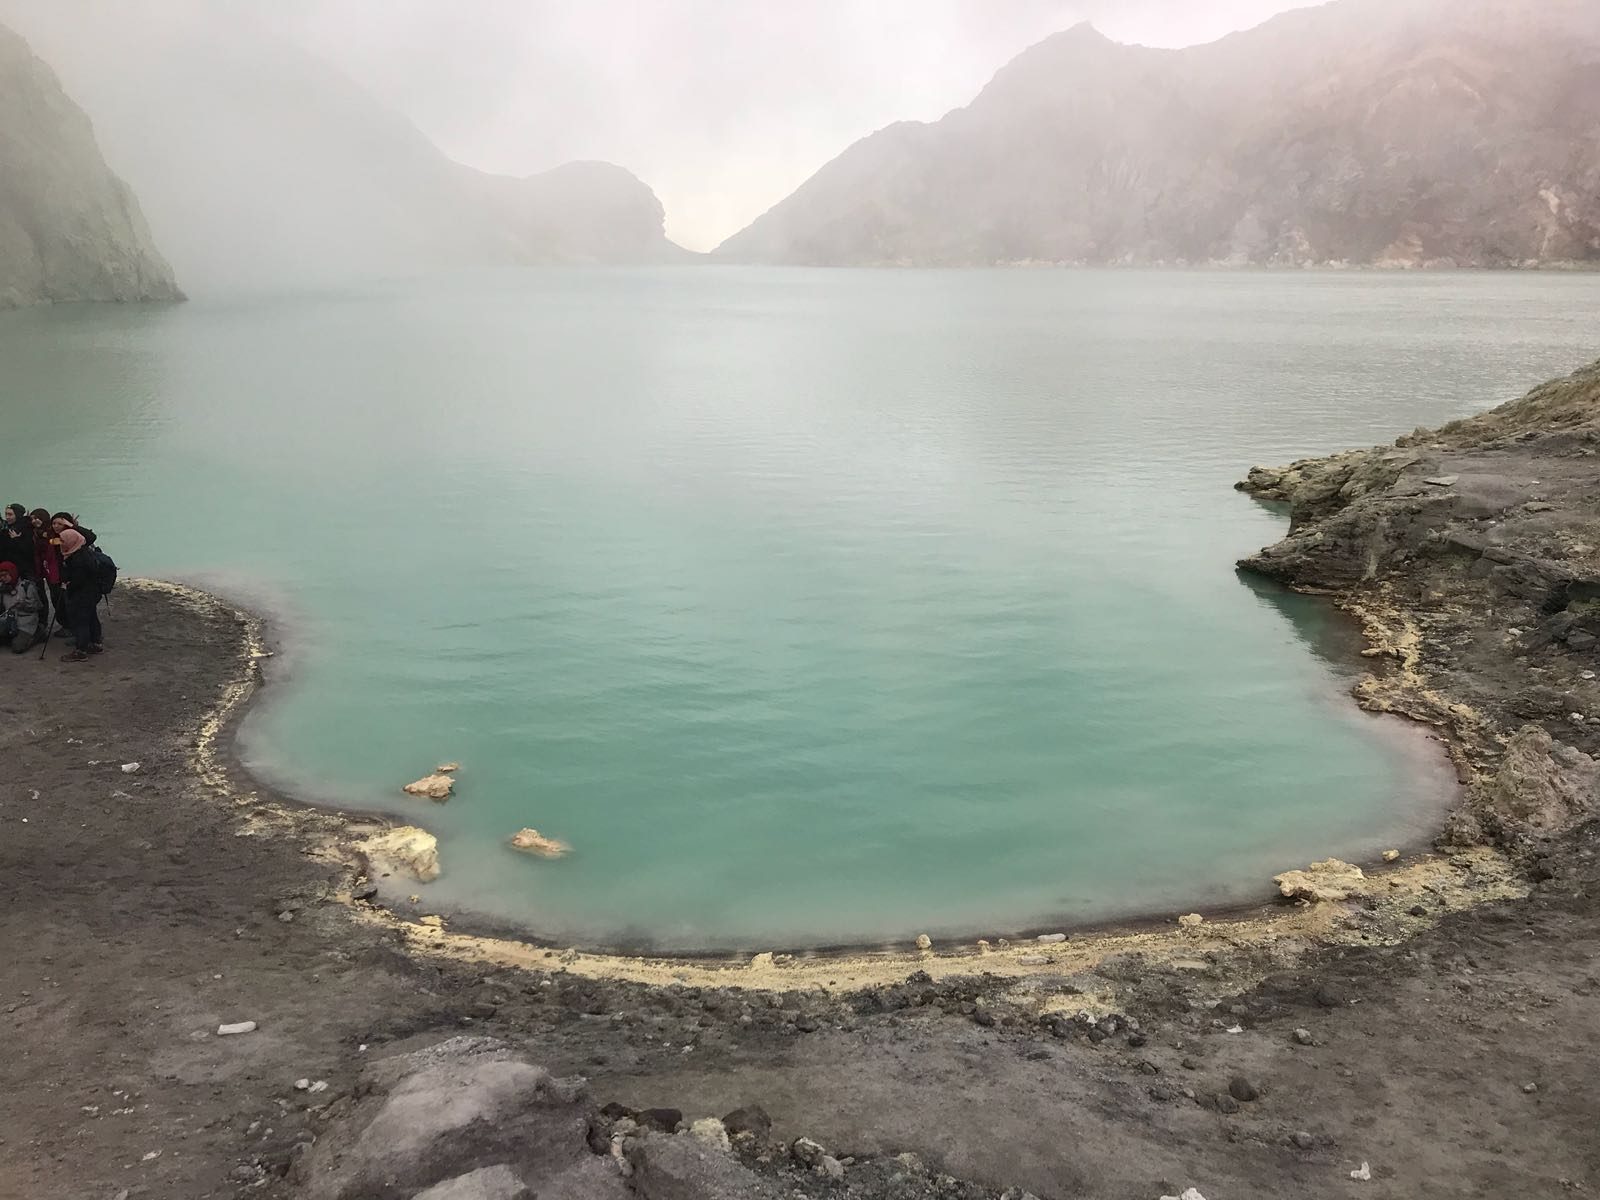 Wanderung in einen Vulkan - im Krater war dieser See zu sehen